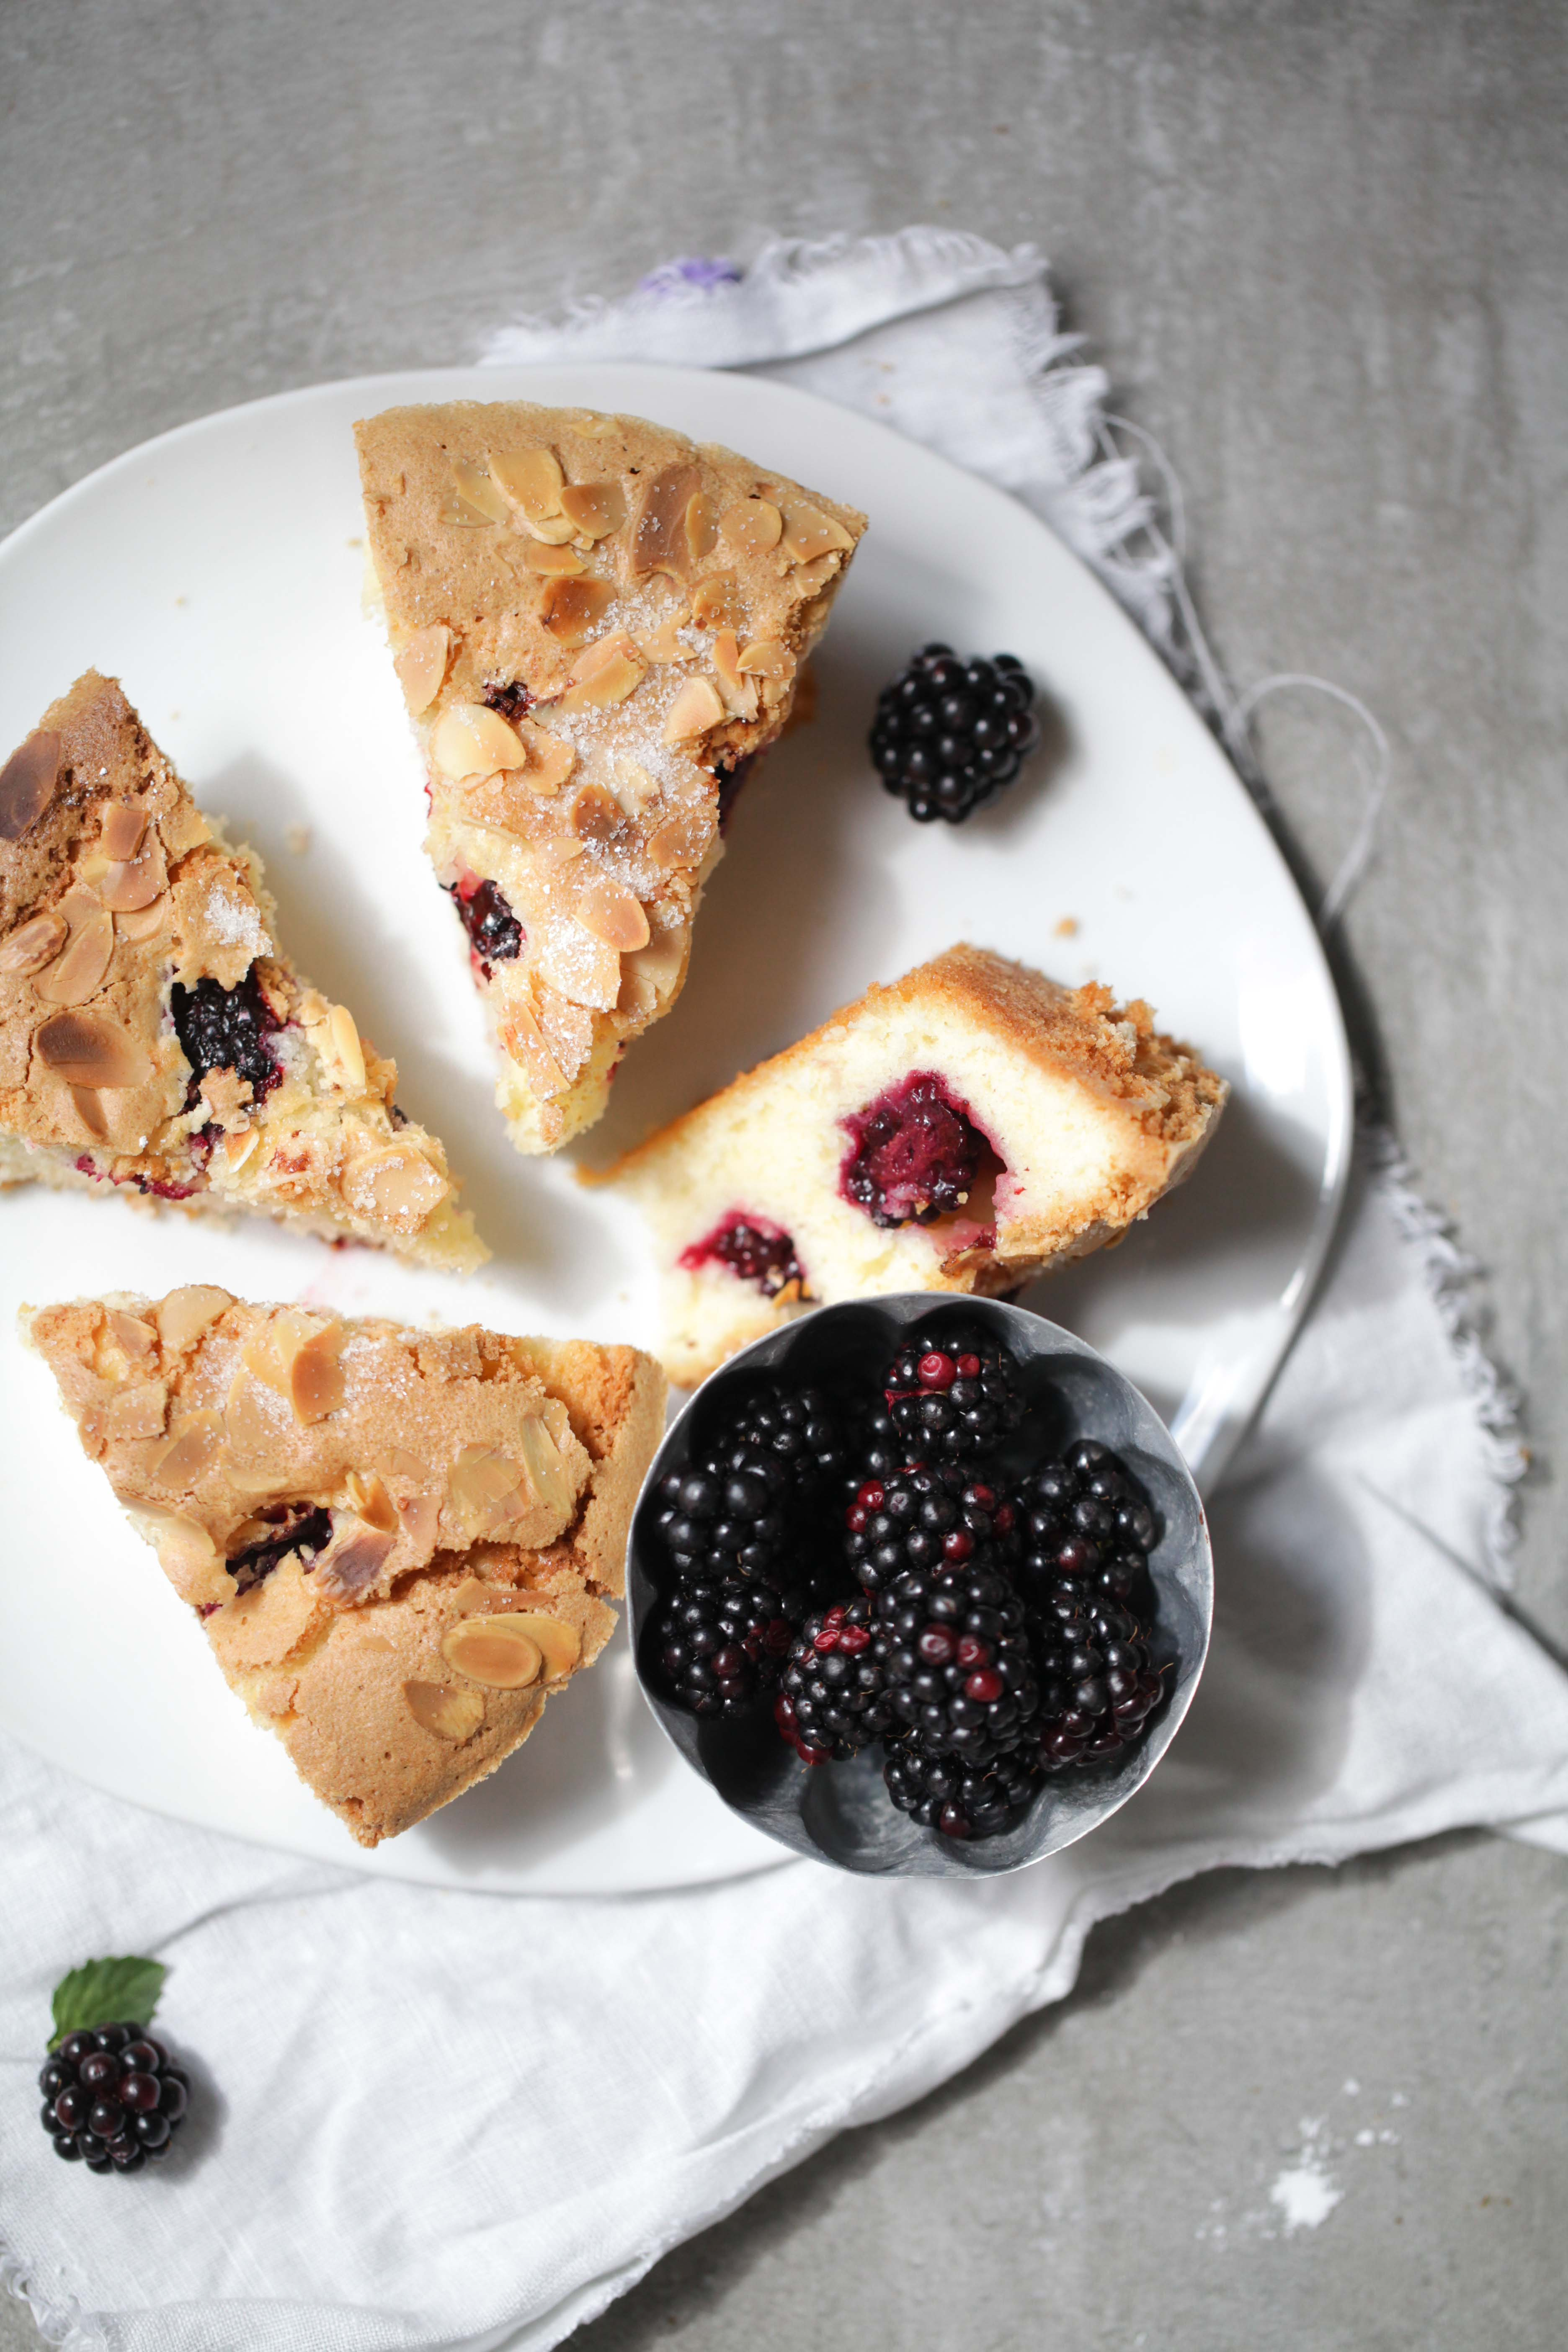 Rezept Brombeerkuchen Mandelkuchen Blackberry Cake Recipe Sommerkuchenrezept einfacher Kuchen Backblog Foodblog Zuckerzimtundliebe